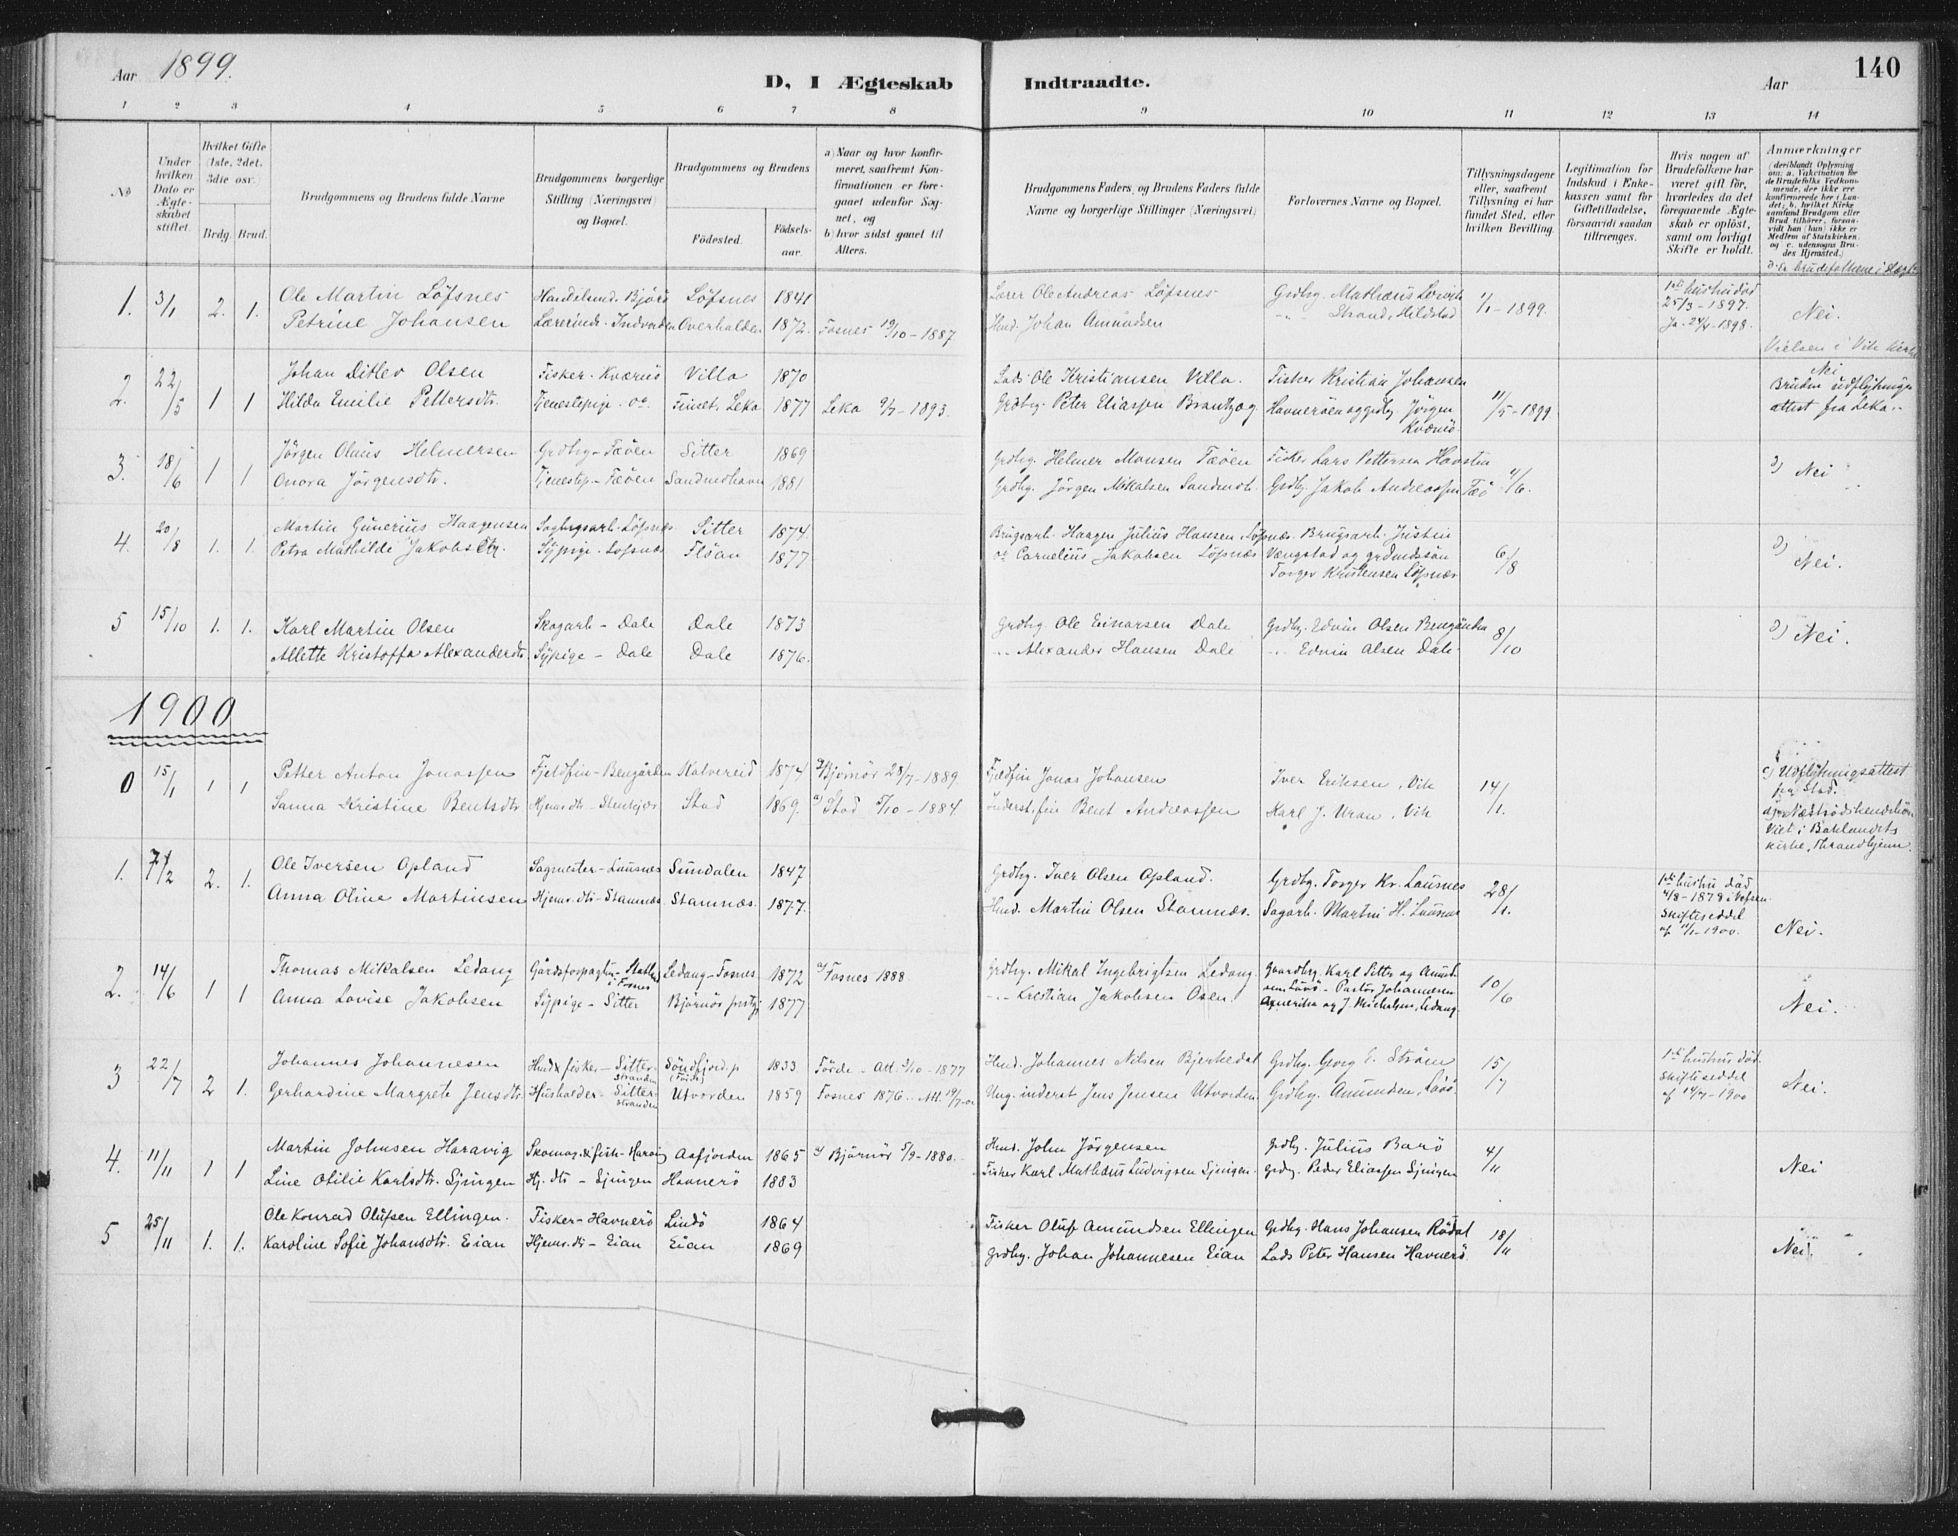 SAT, Ministerialprotokoller, klokkerbøker og fødselsregistre - Nord-Trøndelag, 772/L0603: Ministerialbok nr. 772A01, 1885-1912, s. 140